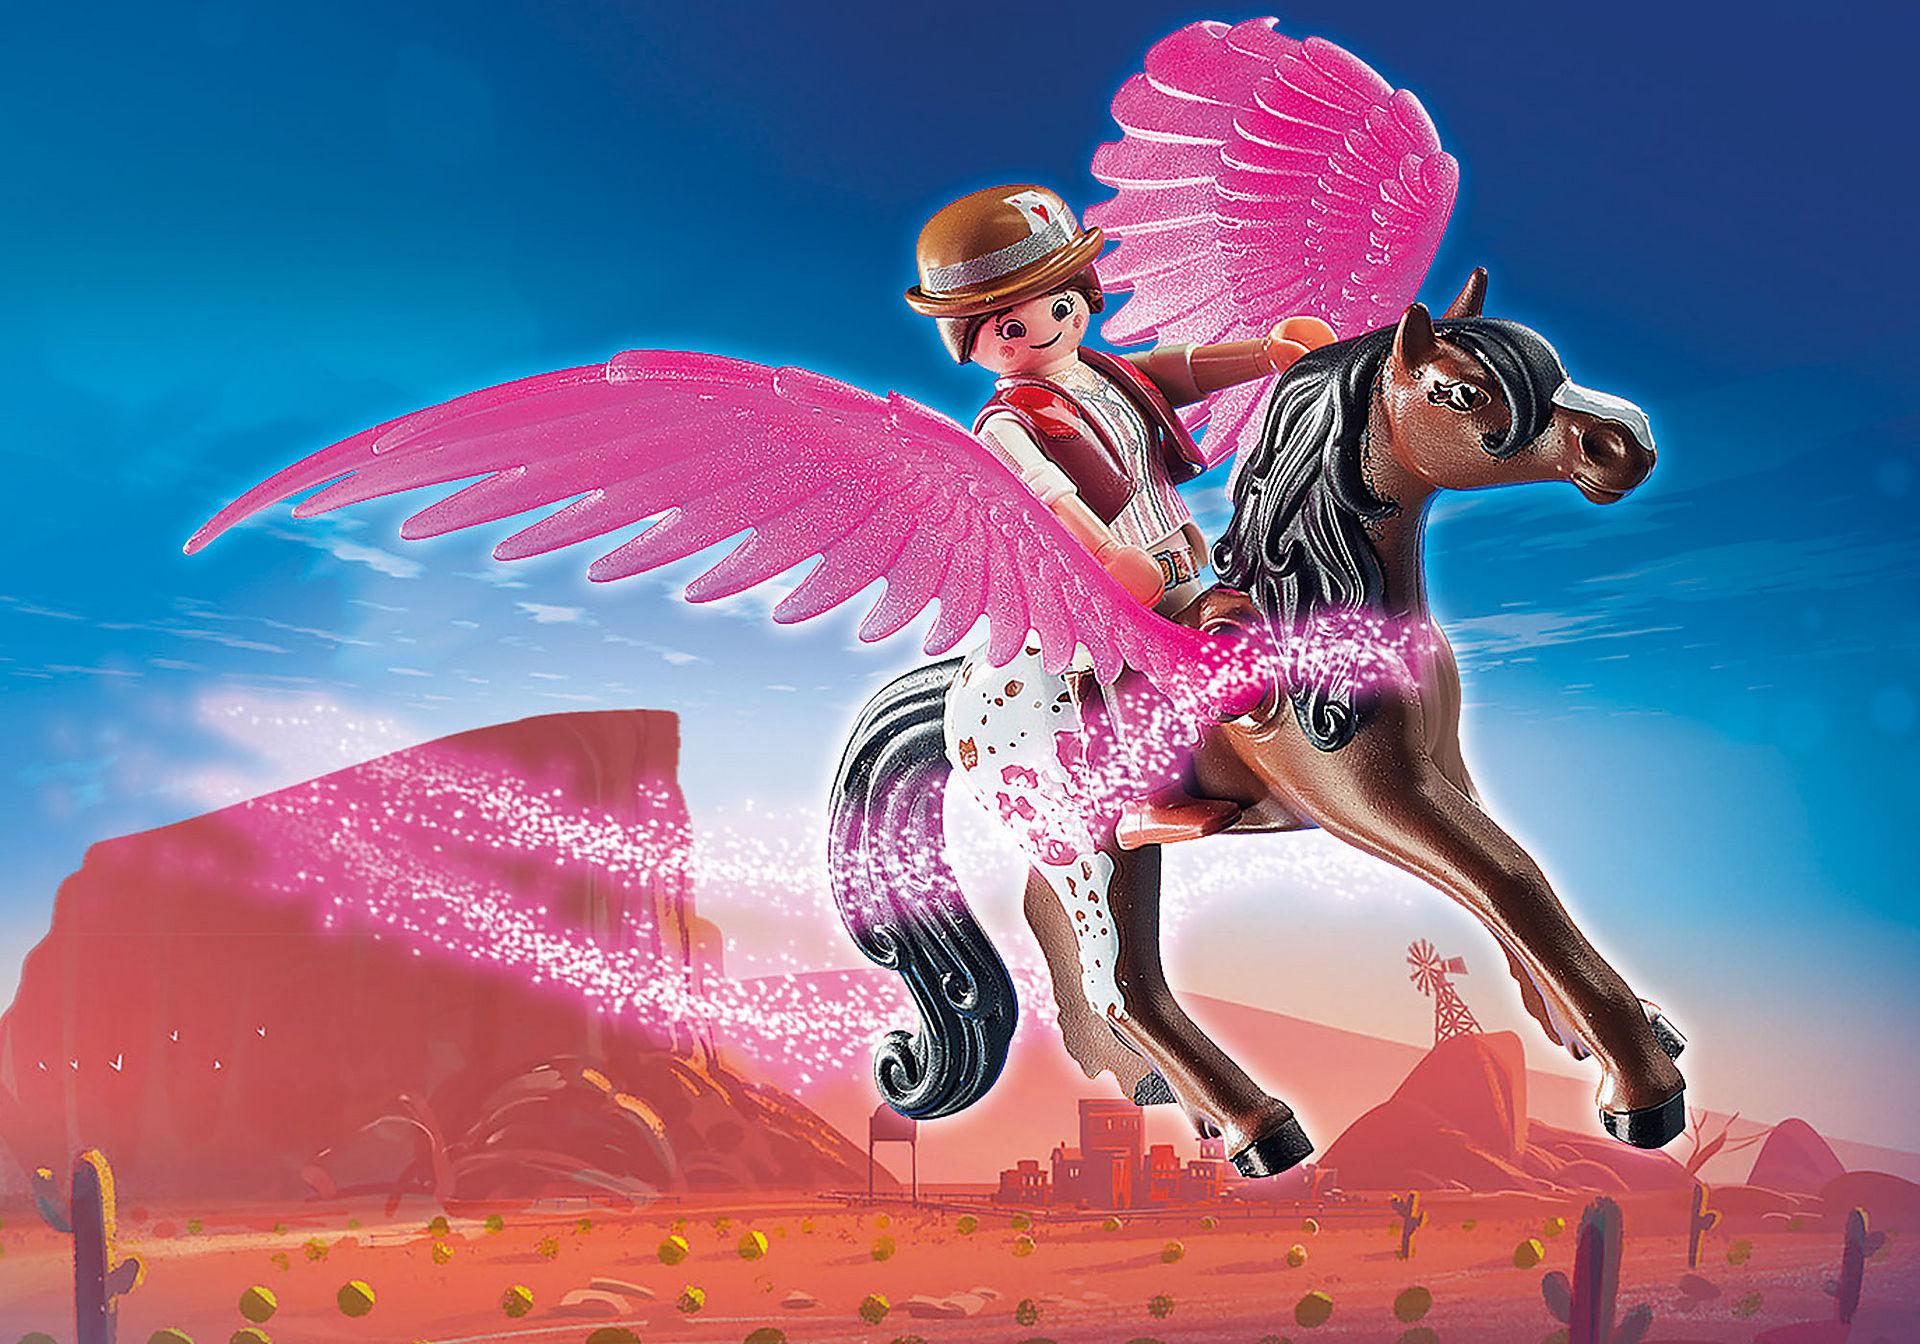 70074 PLAYMOBIL: THE MOVIE Marla et Del avec cheval ailé  zoom image4